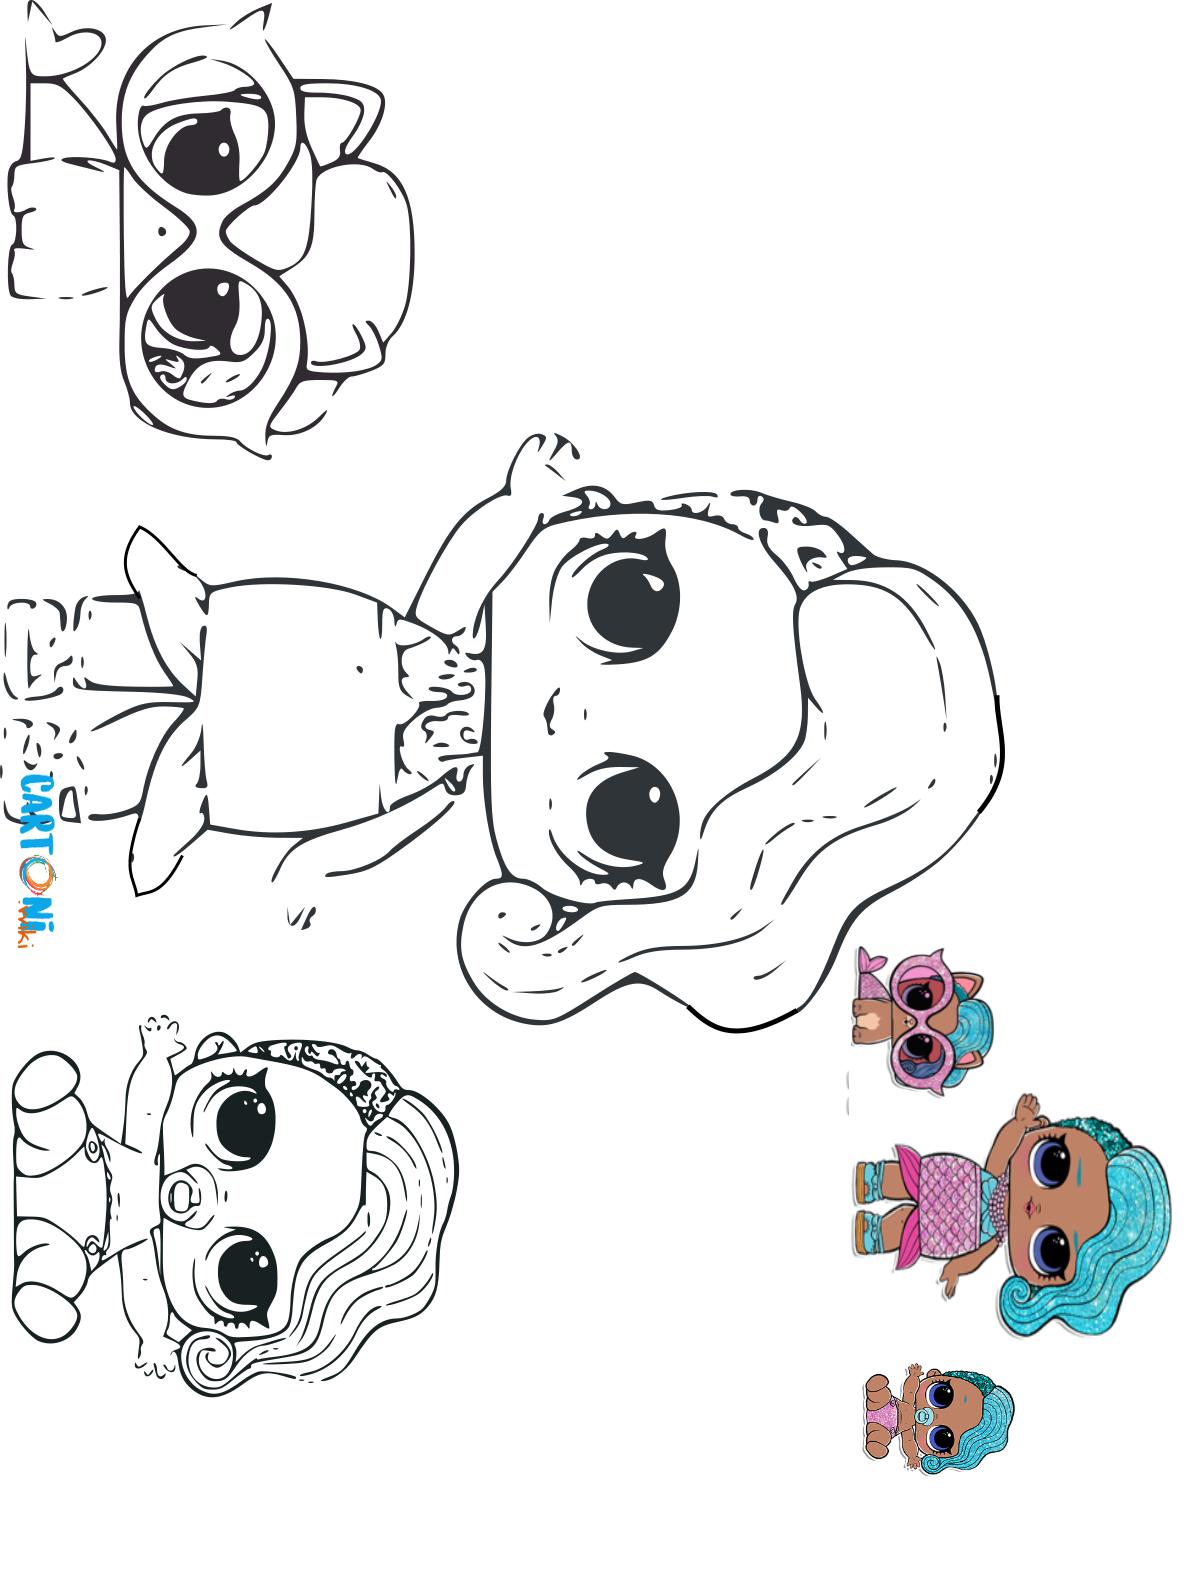 Disegni Da Colorare E Stampare Lol Drawings Lol